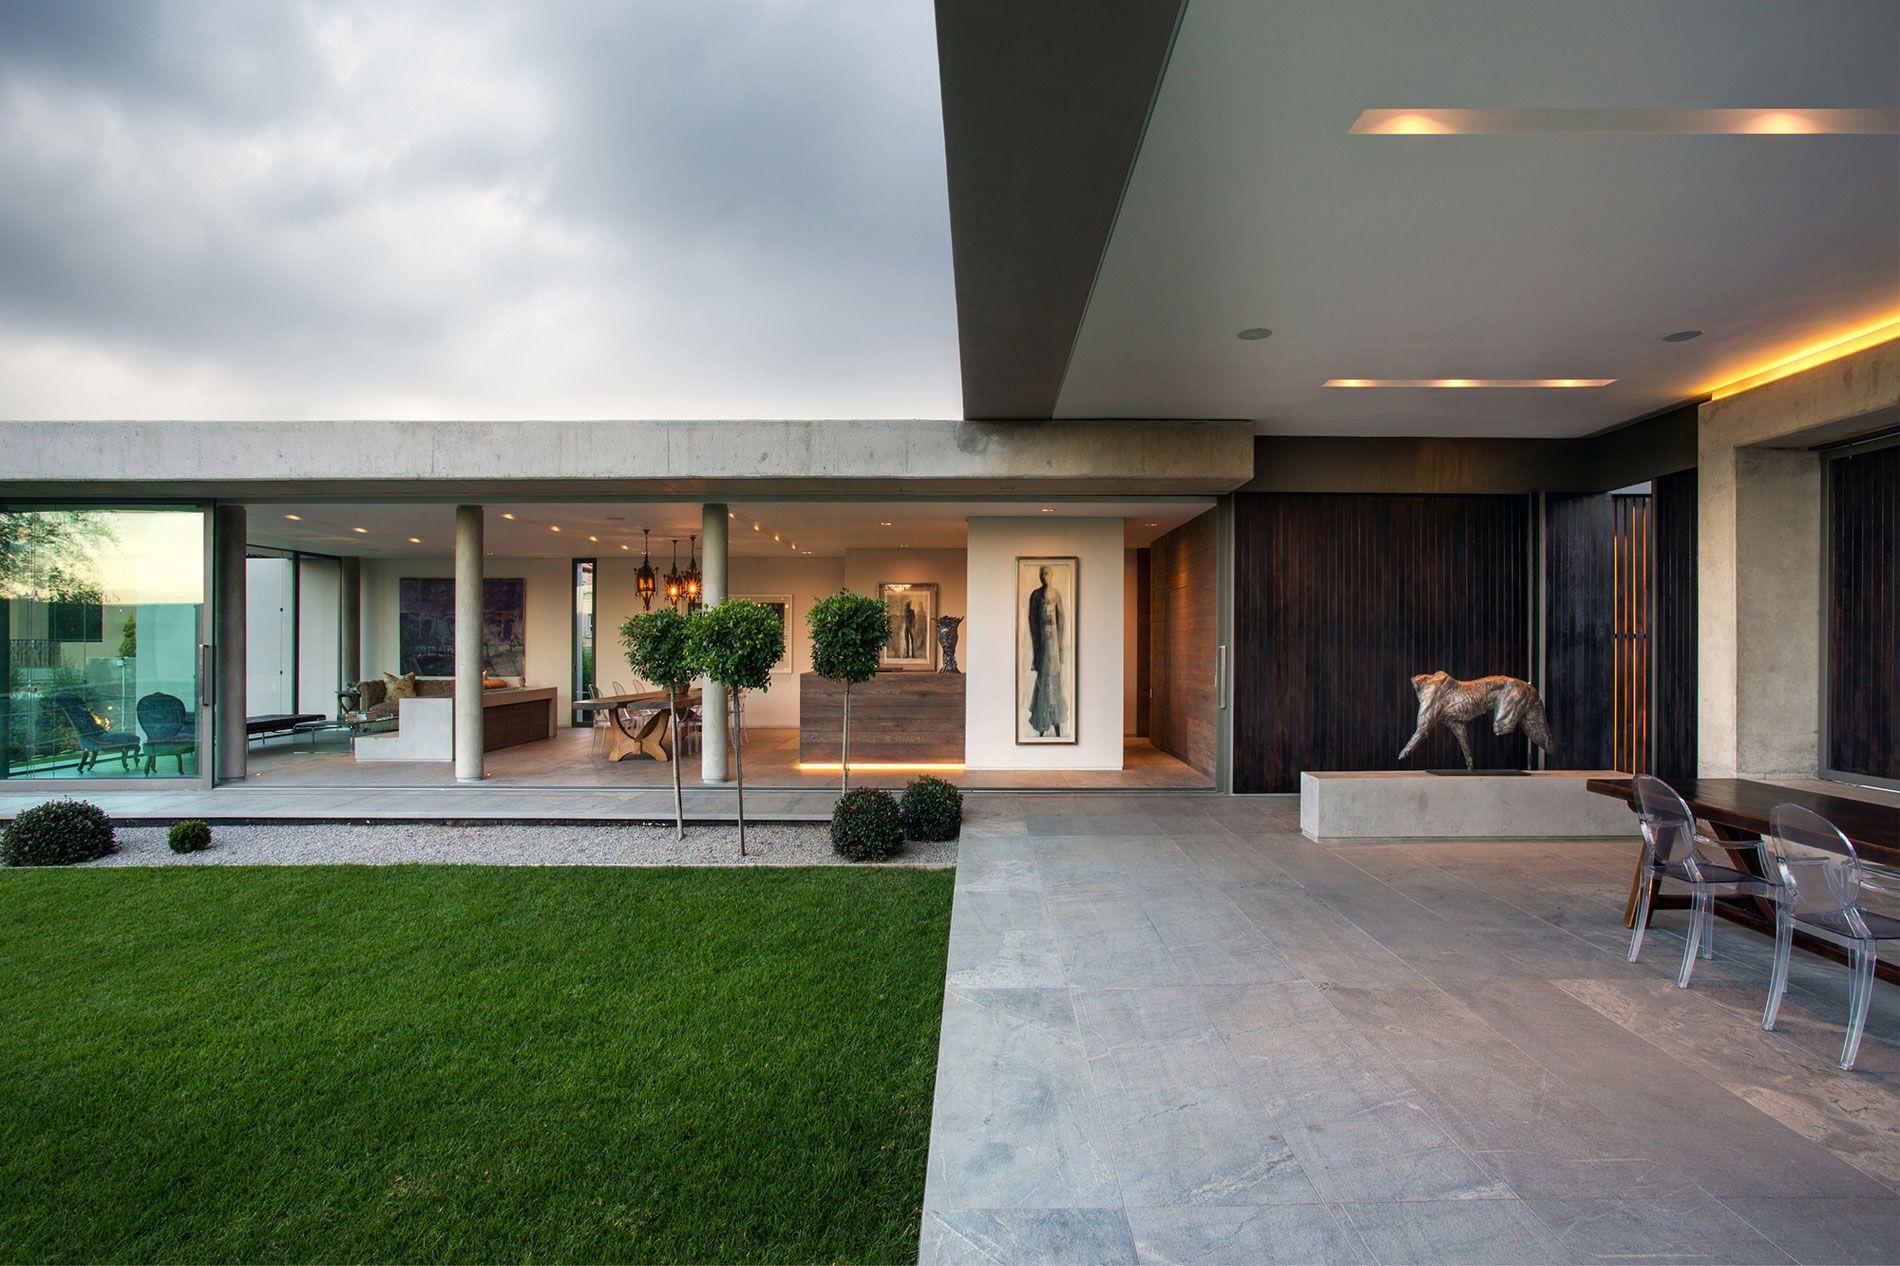 Suelo Terraza En 2019 Suelos Terrazas Casas Modernas